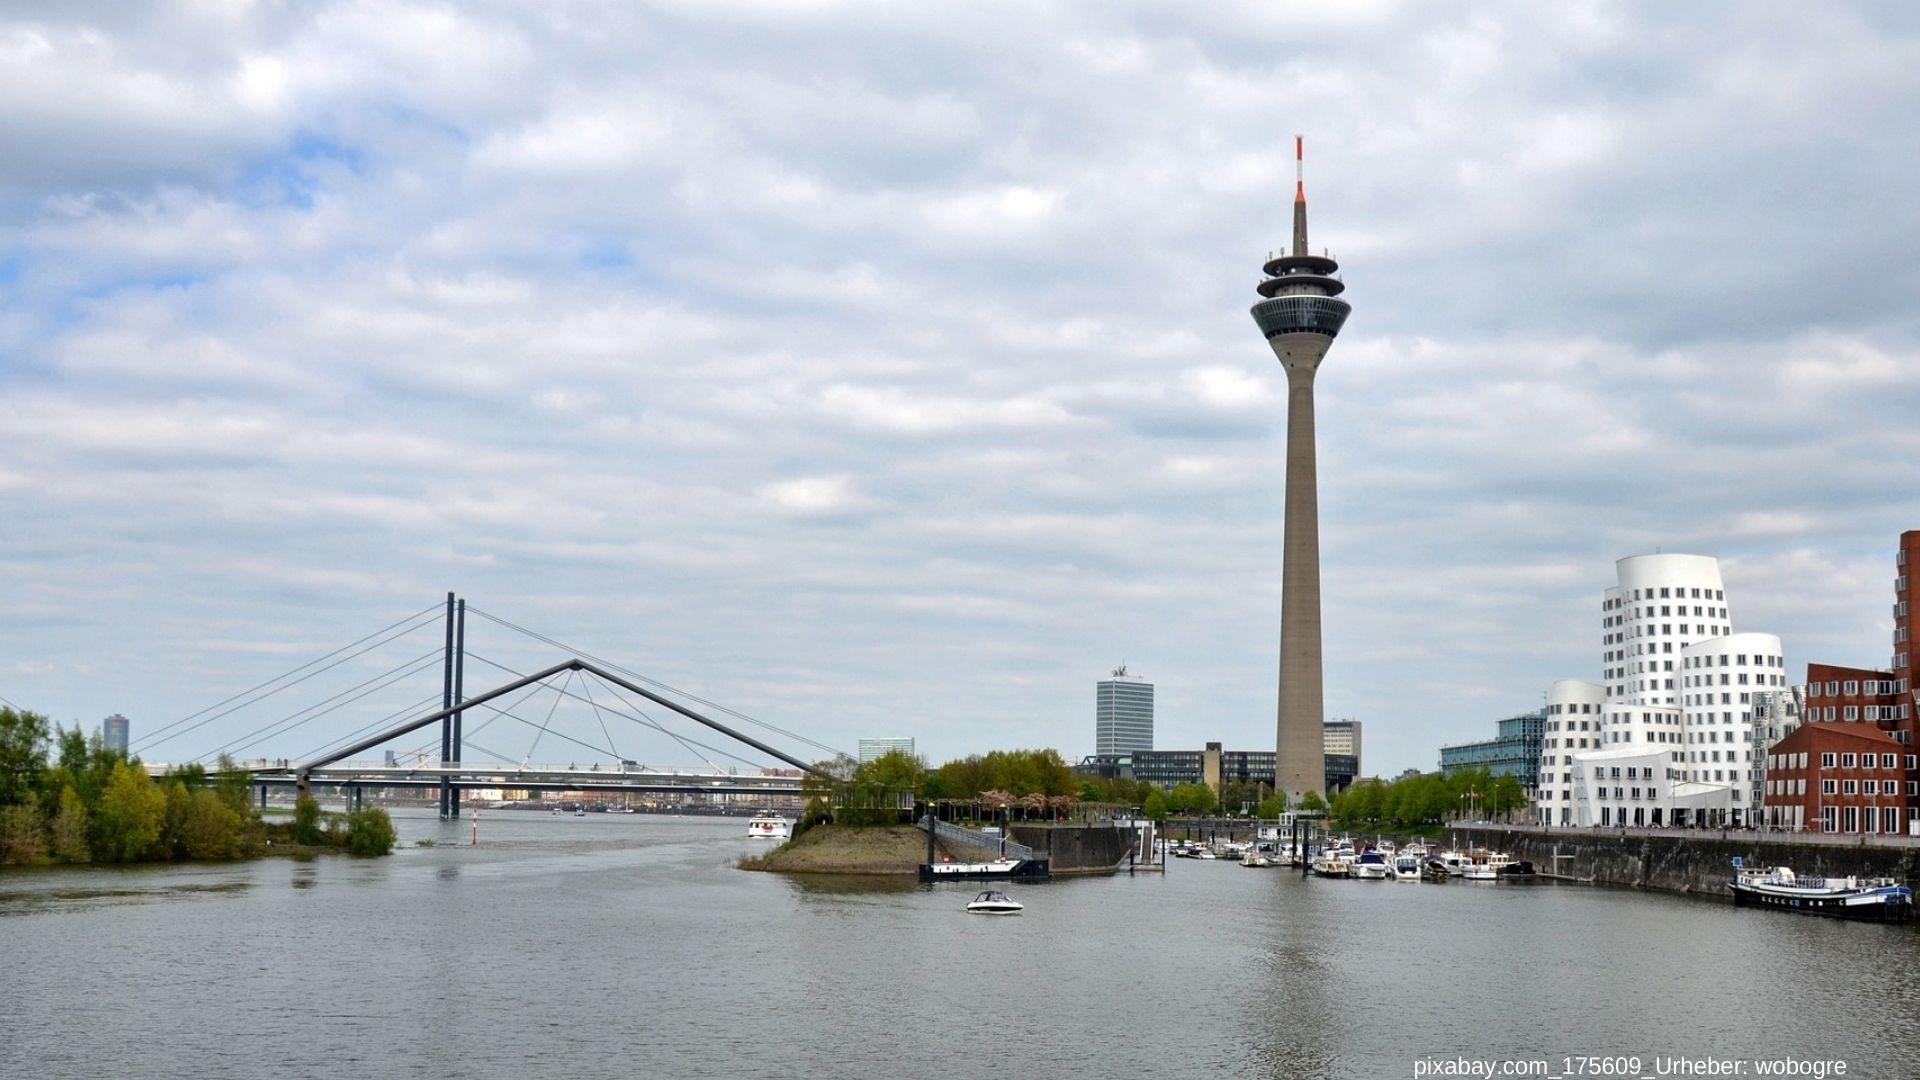 Zeltverleih Düsseldorf - Zeltverleih und -vermietung bei Meventa